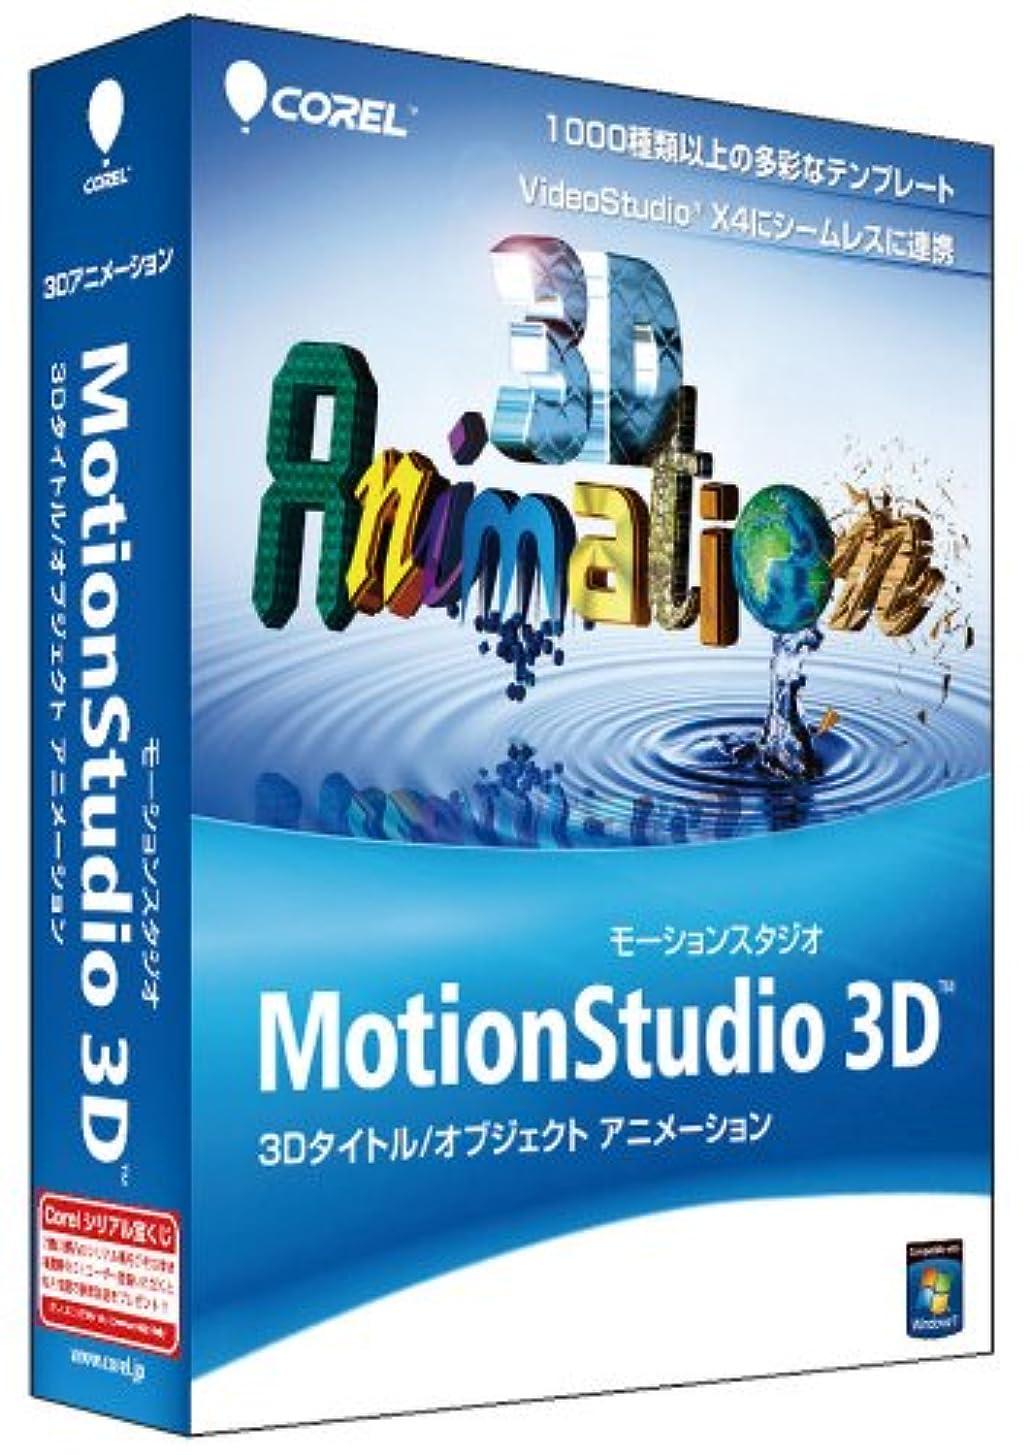 ピザ海峡。MotionStudio 3D 通常版